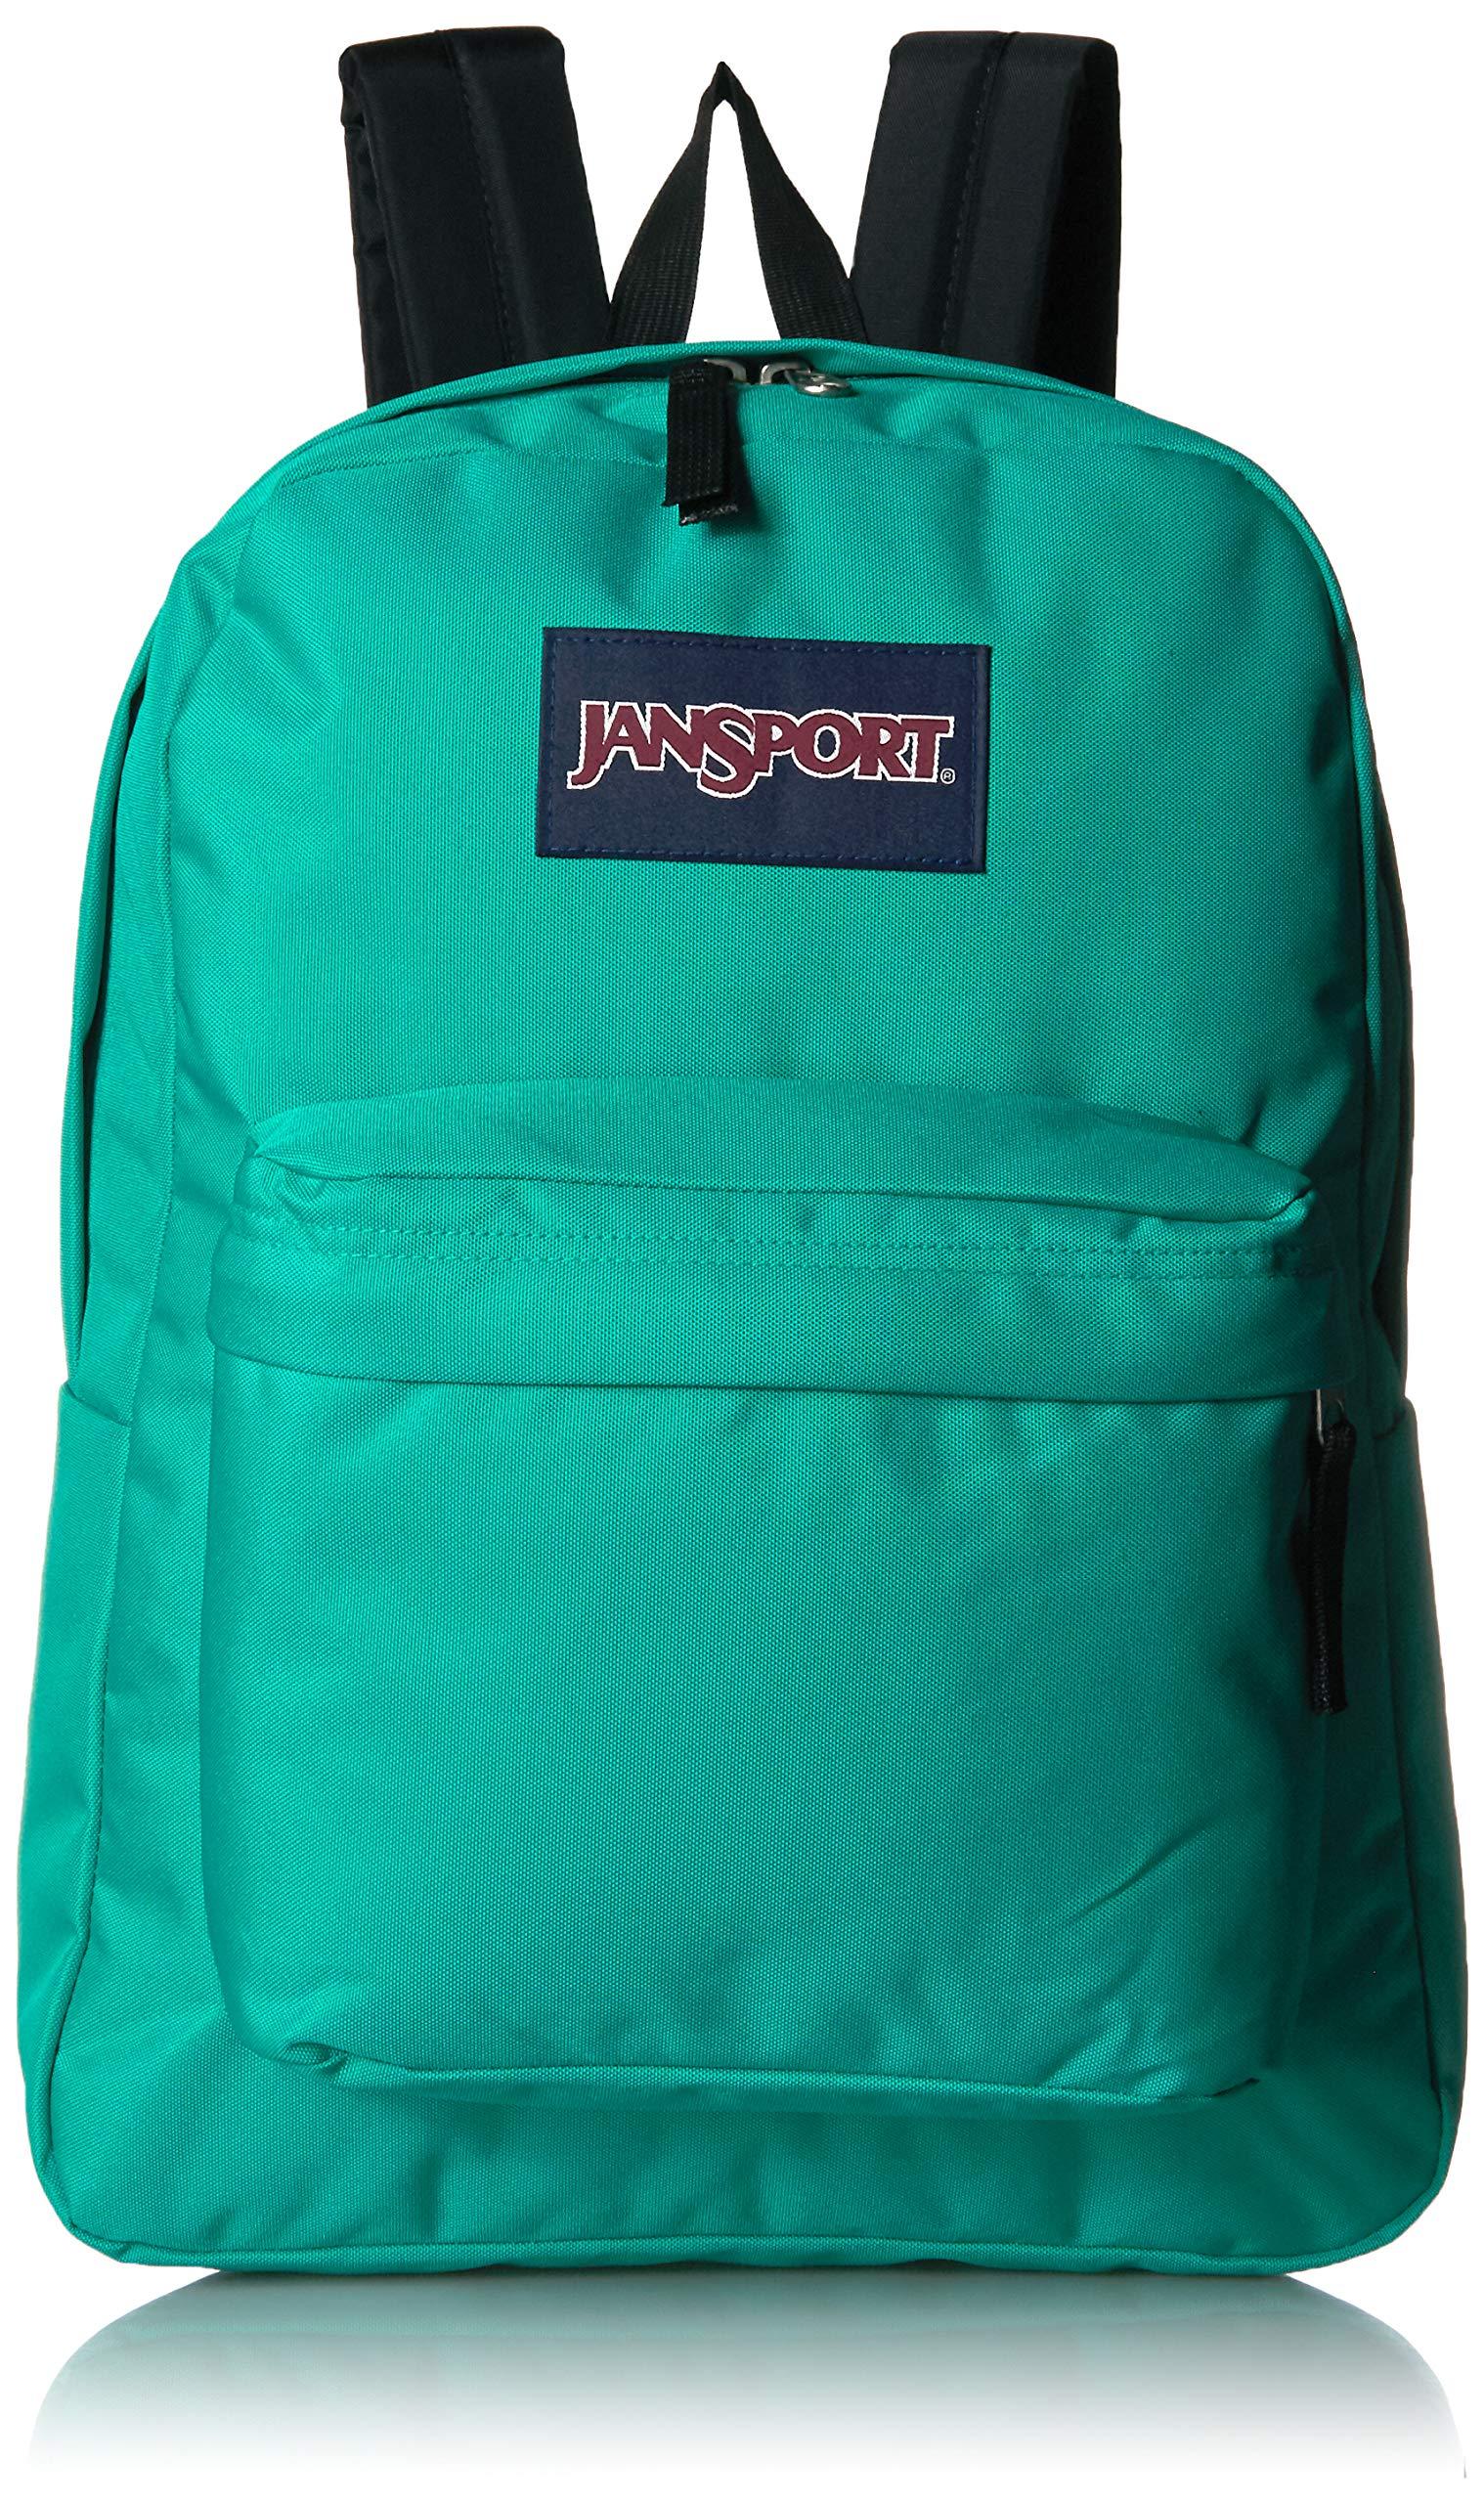 486193dc8e44 JanSport T501 Superbreak Backpack - Varsity Green